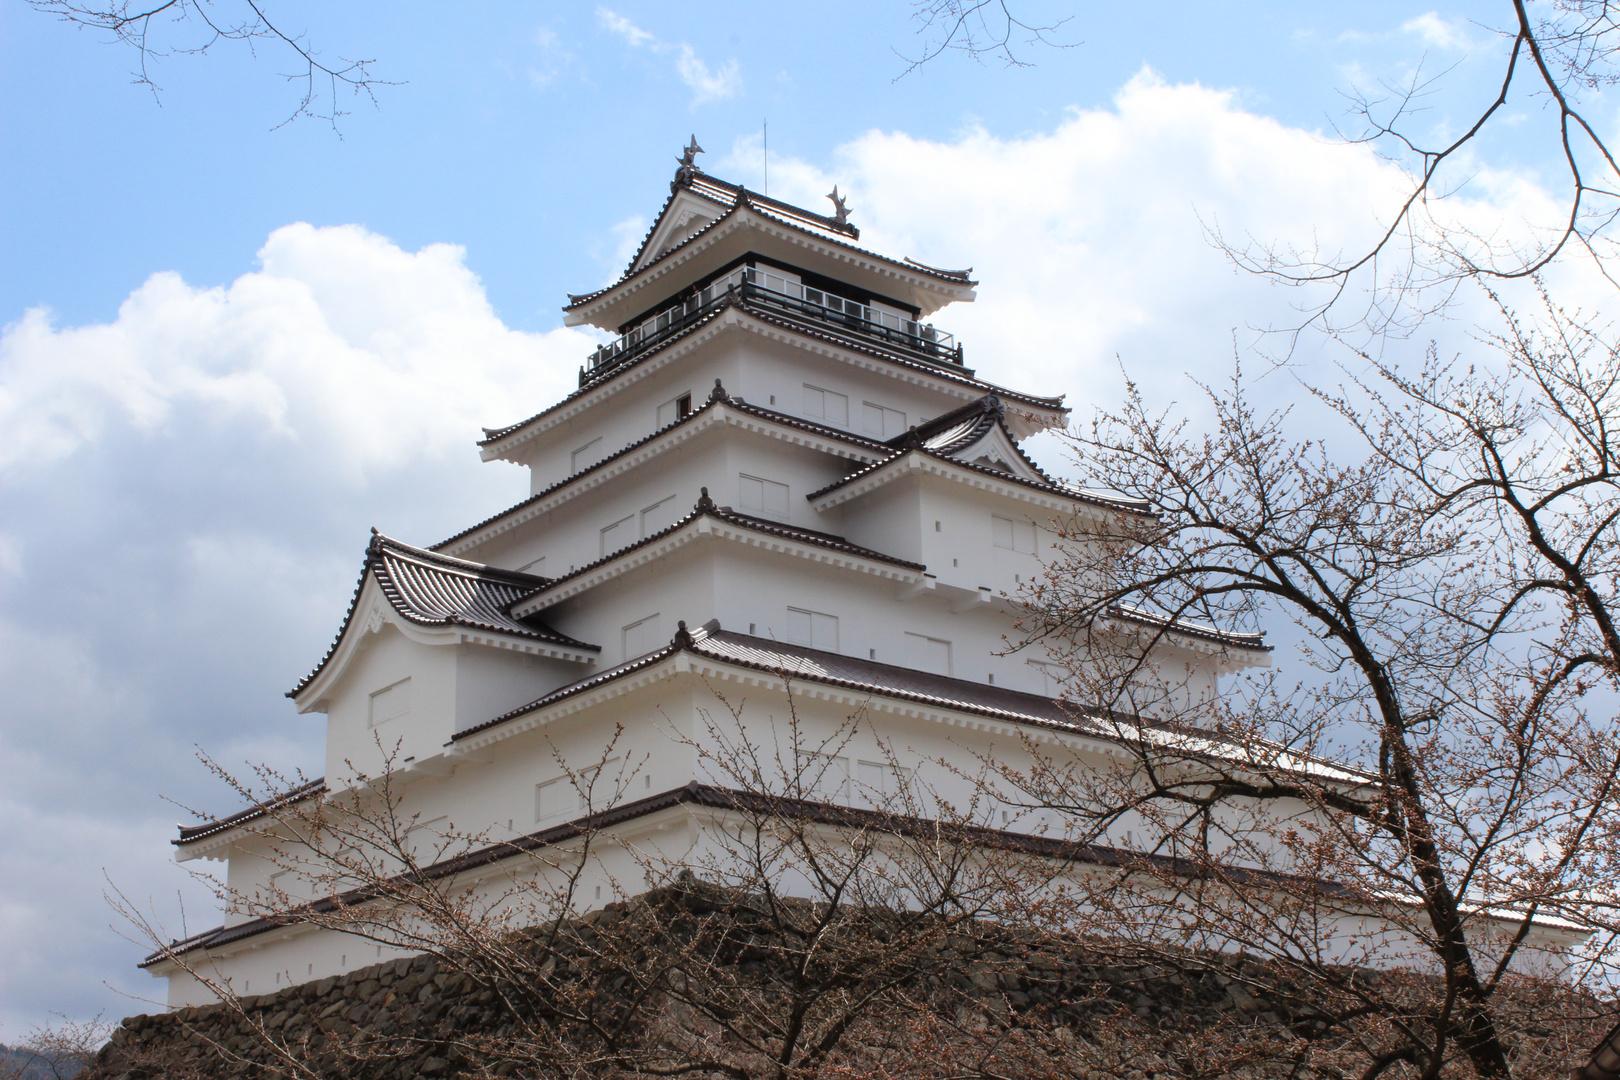 Burg Aizu-Wakamatsu